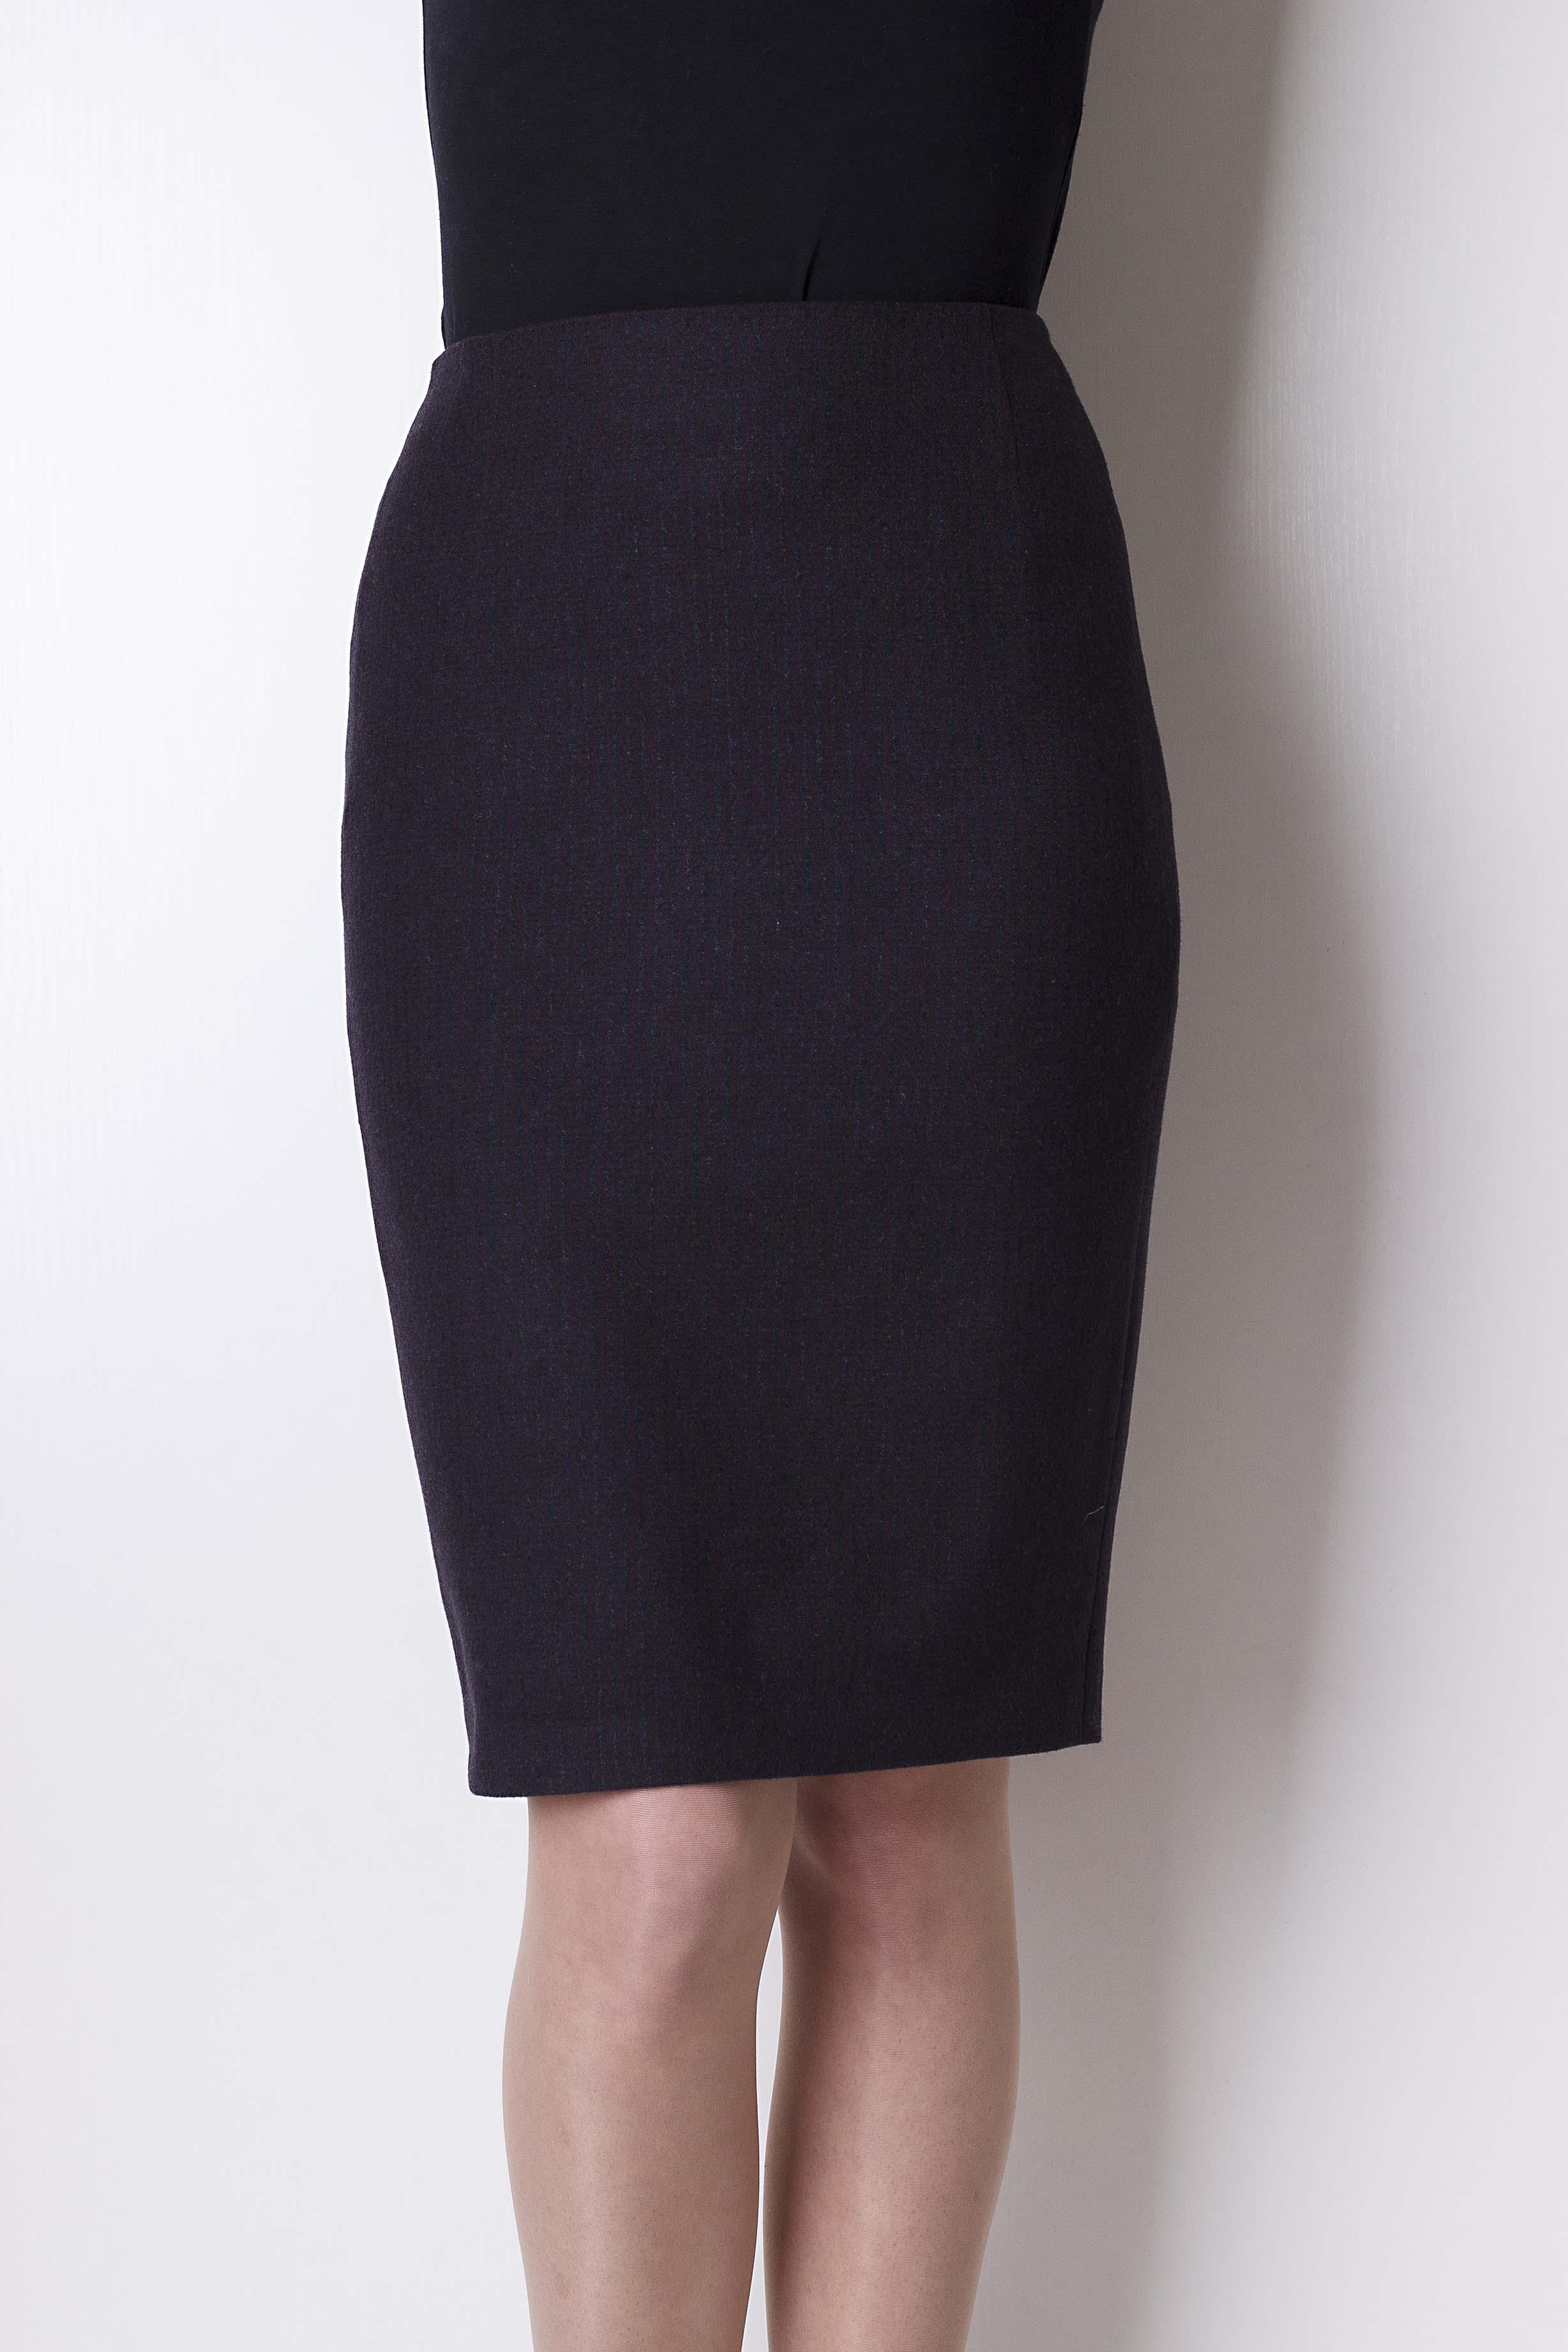 58dd8333039 Классические женские юбки купить в Днепропетровске в интернет ...